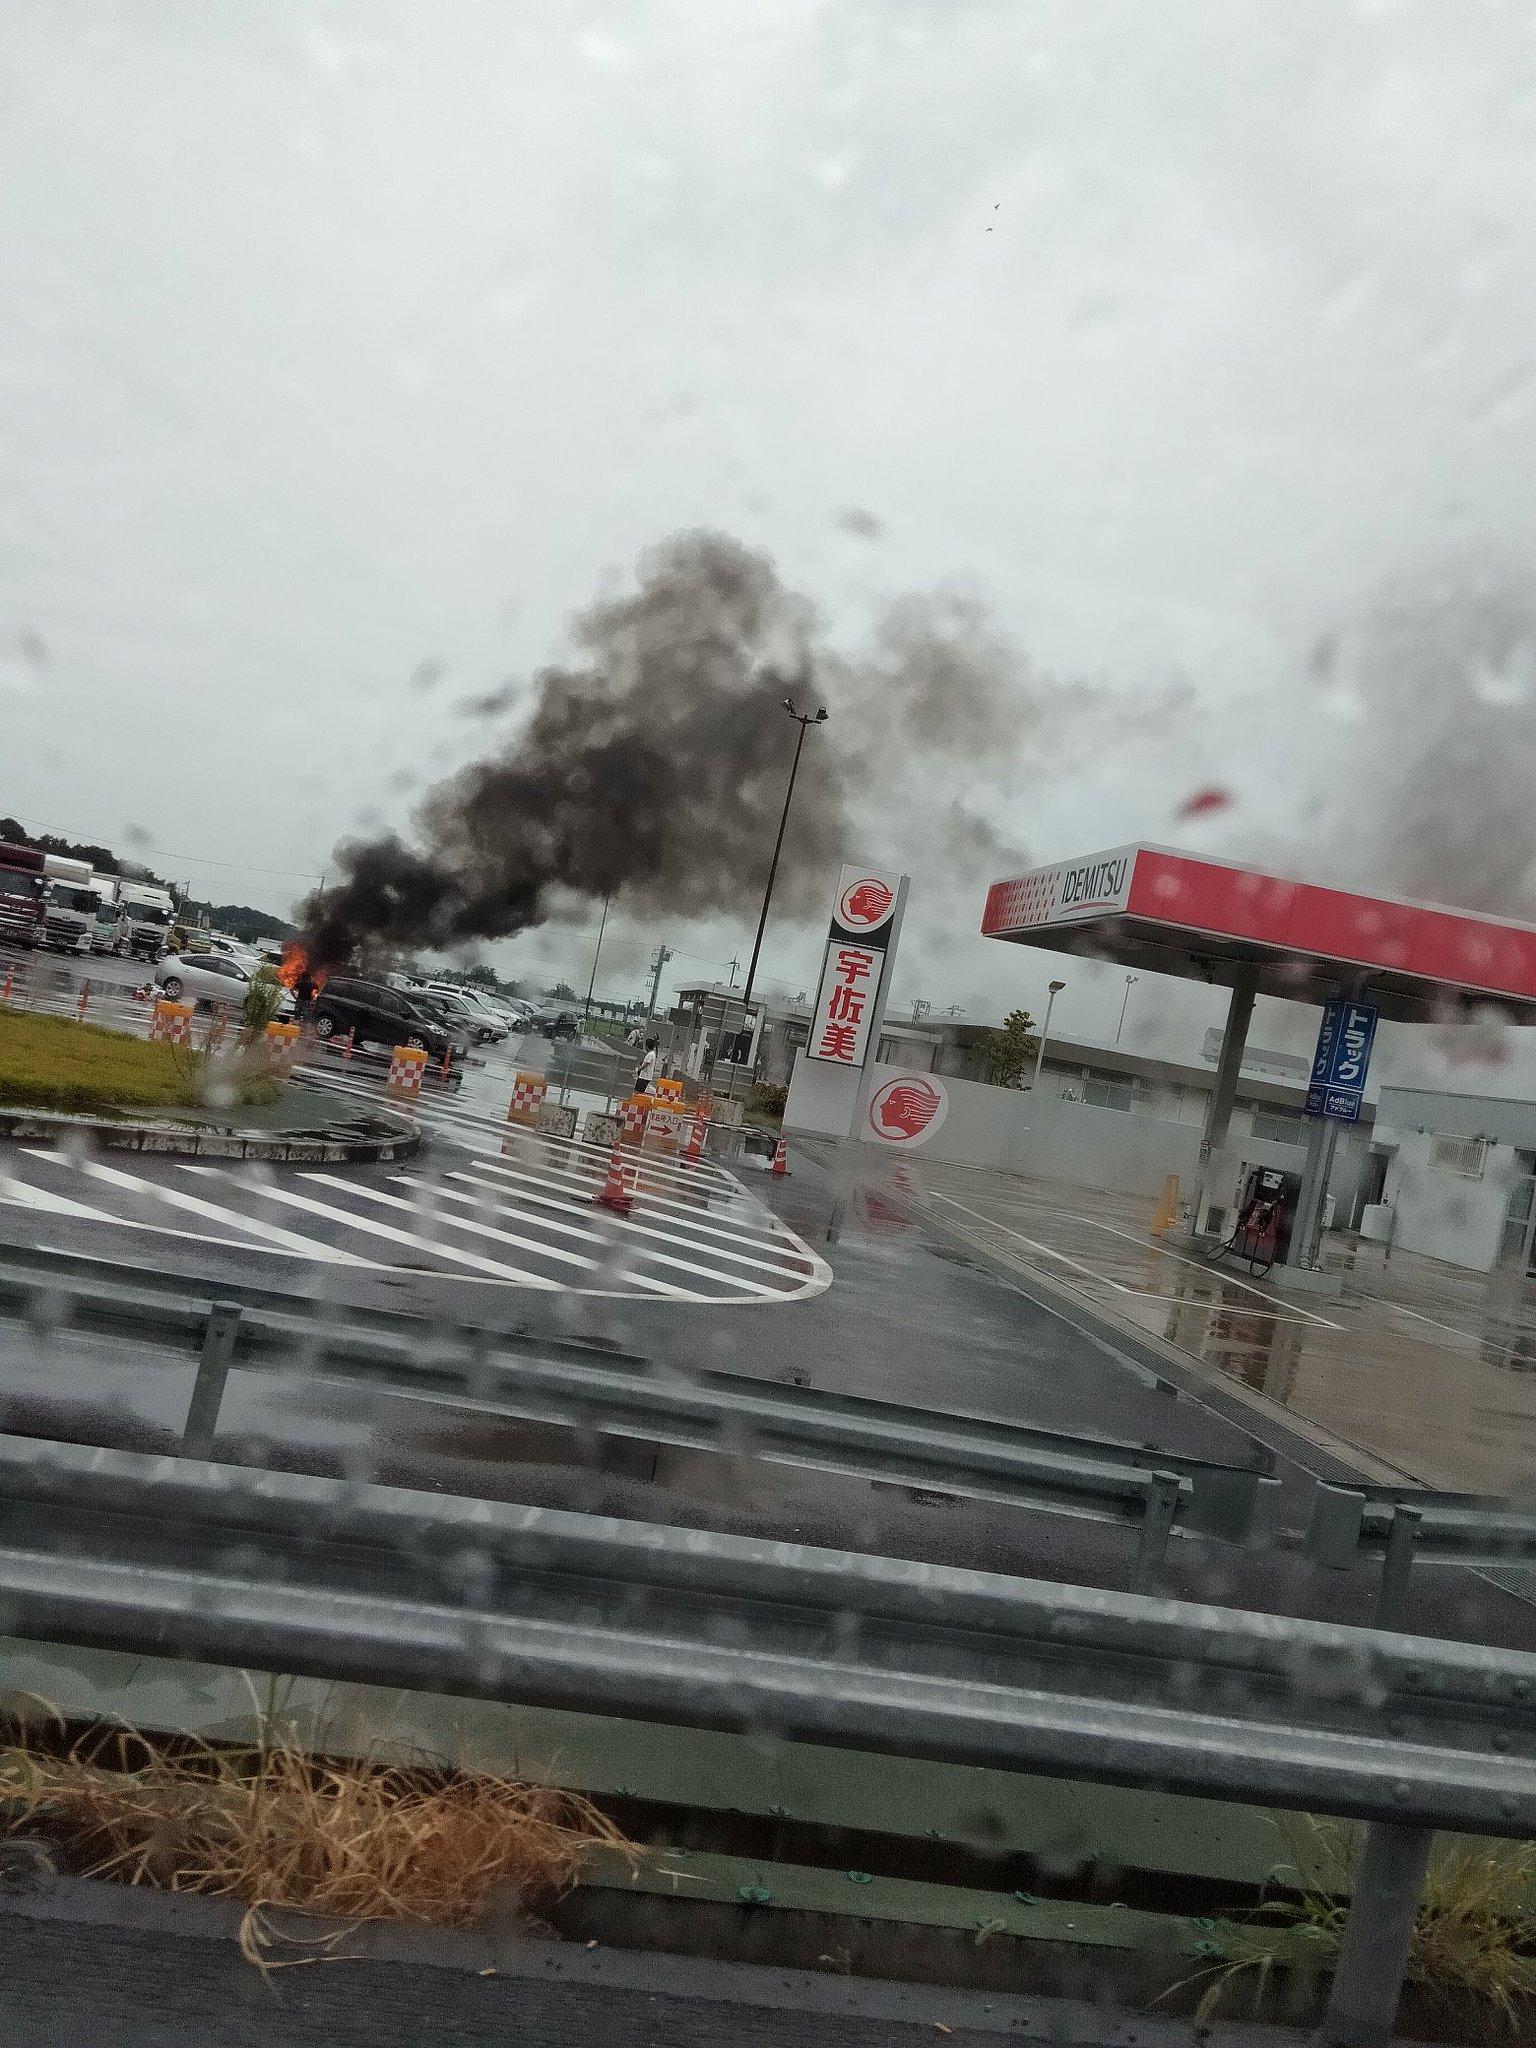 画像,菖蒲パーキングで車両火災 https://t.co/pgpvHDTIV8。